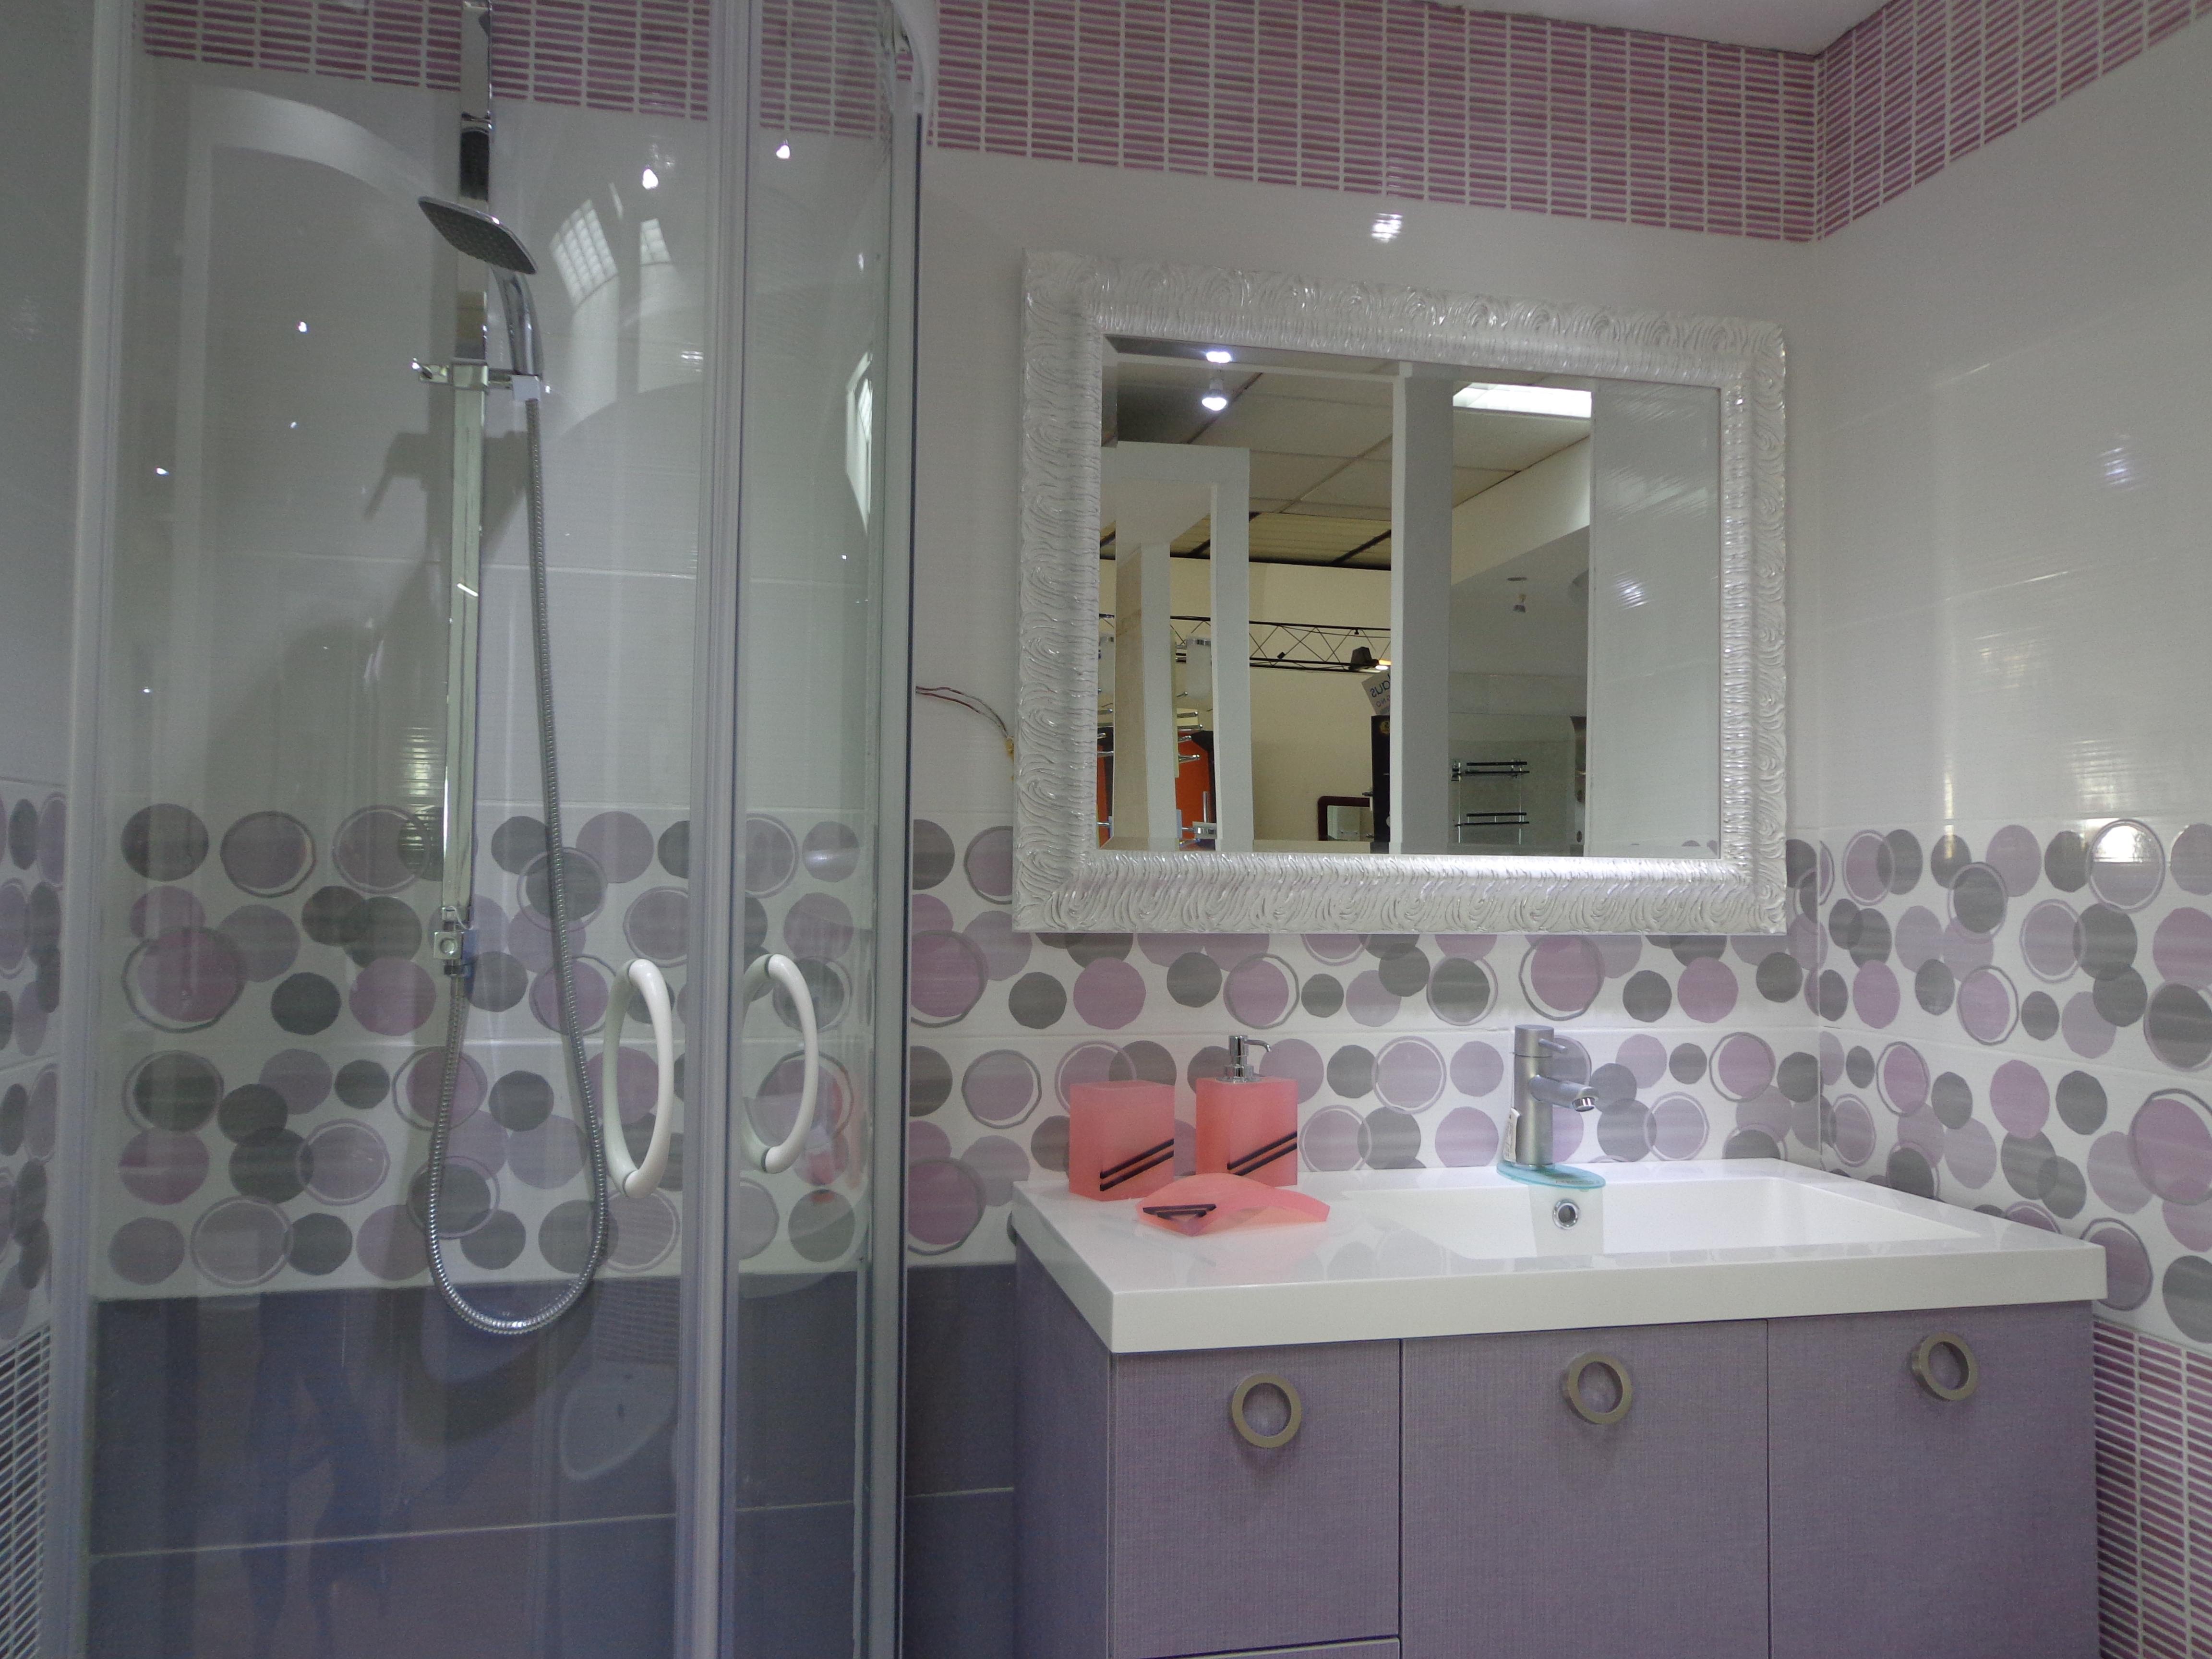 Mobili bagno brescia bagno mobili bagno blu with mobili bagno